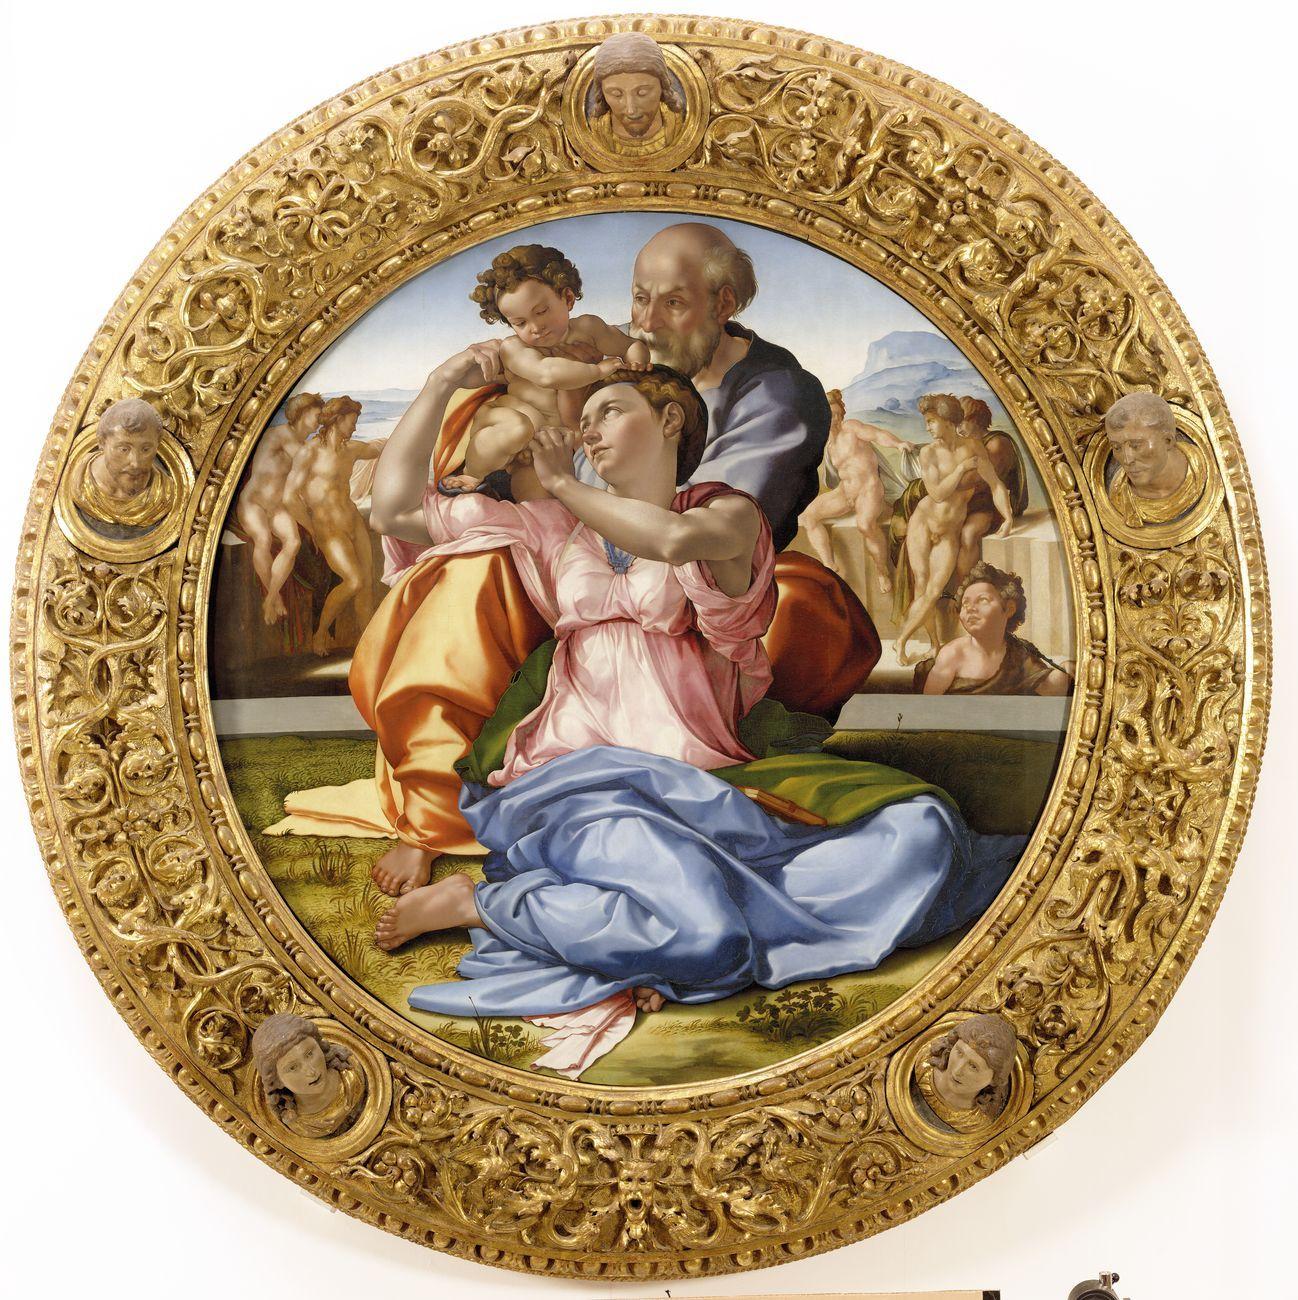 Michelangelo Buonarroti, Sacra Famiglia (Tondo Doni), 1507, Firenze, Galleria degli Uffizi